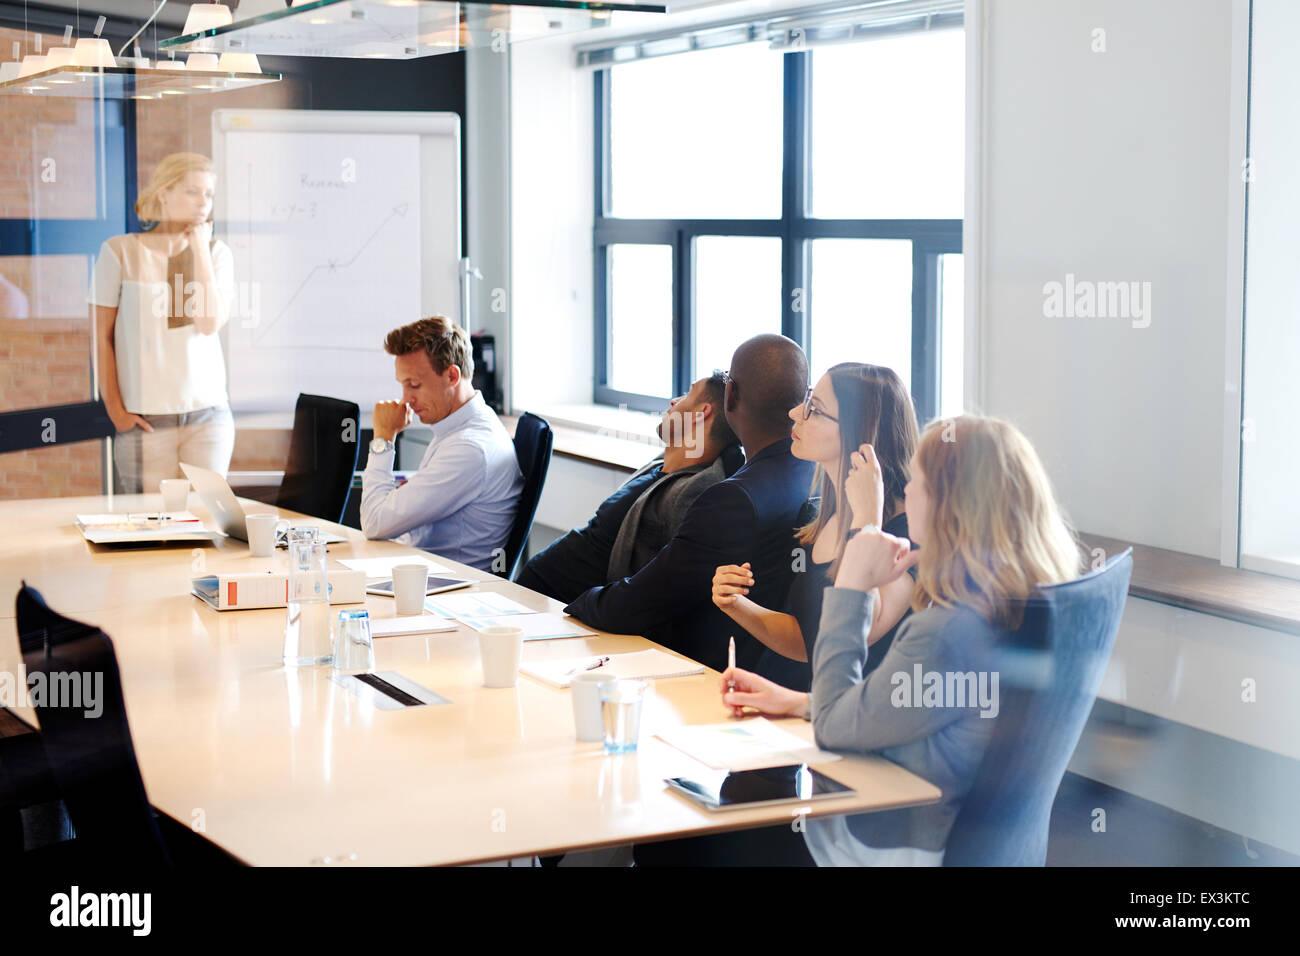 Hembra blanca permanente ejecutiva en jefe de sala de conferencias presidiría una reunión con sus colegas Imagen De Stock